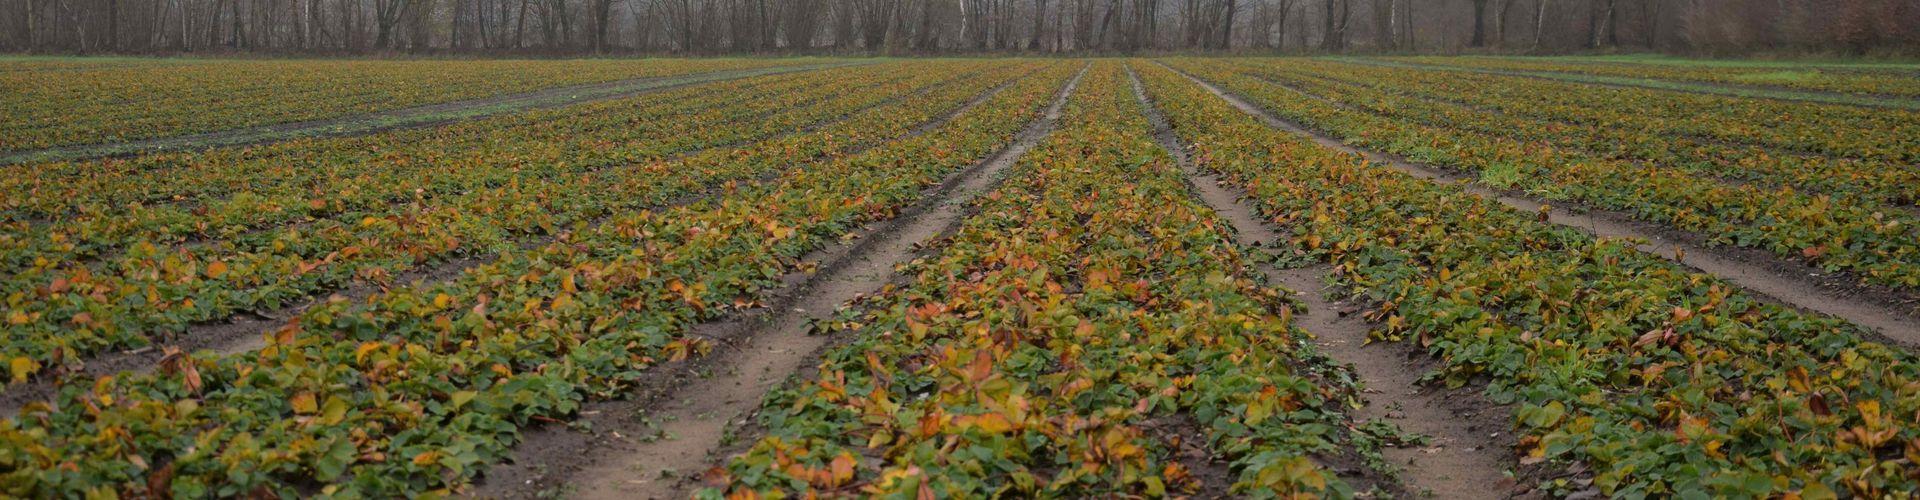 Produktion von Wartebeetpflanzen